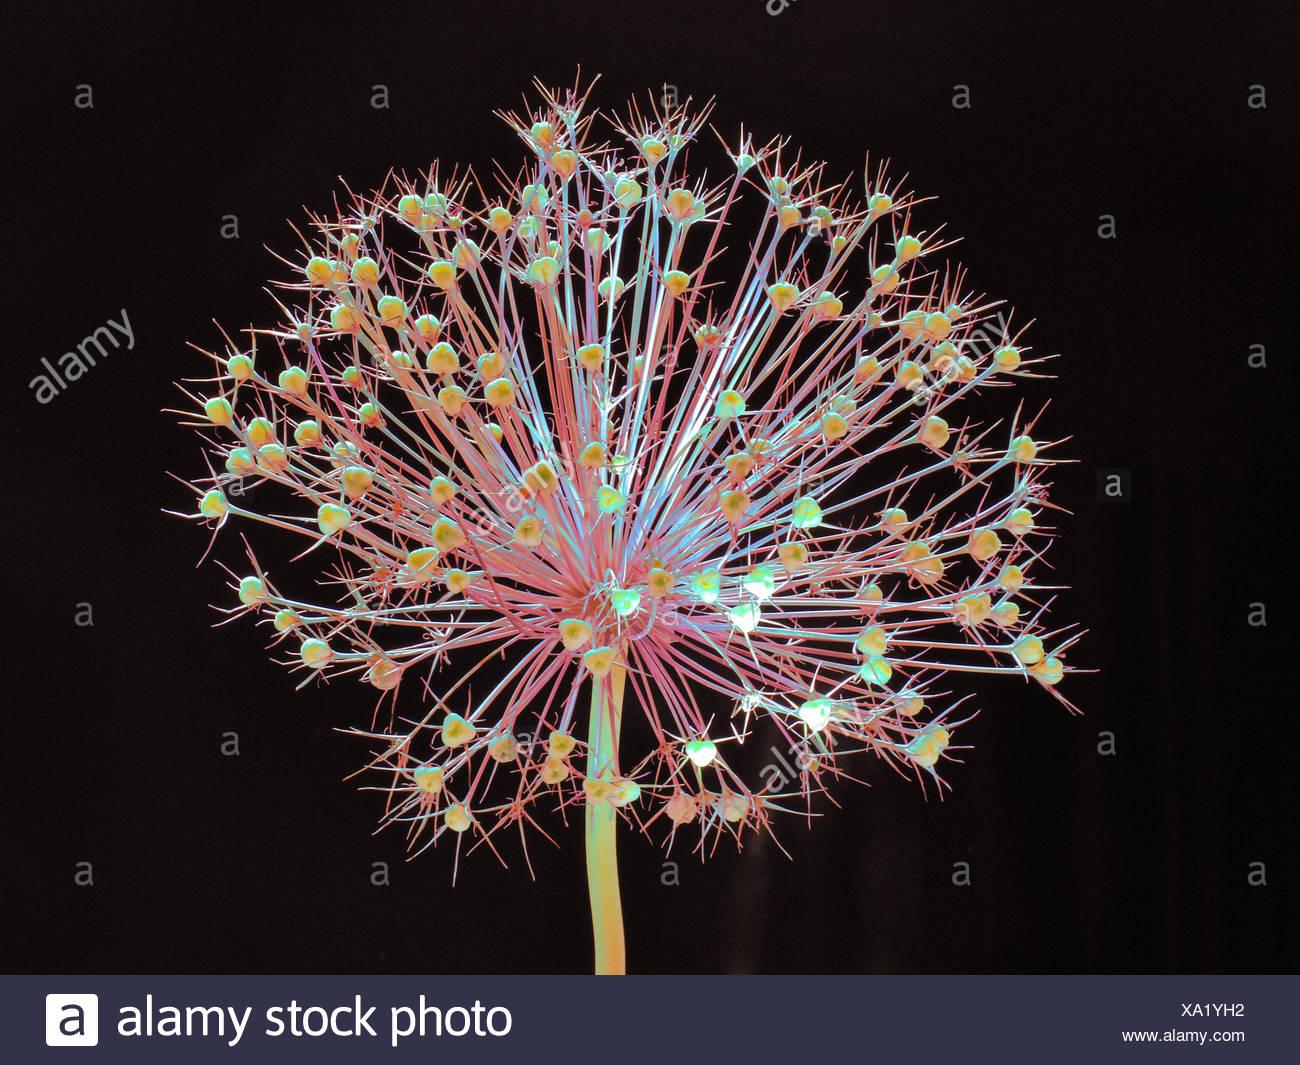 Blume, verwelkt, Allium, Konzept, Stern, Konzepte, Sterne, Licht, schwarz, entfremdet Stockbild